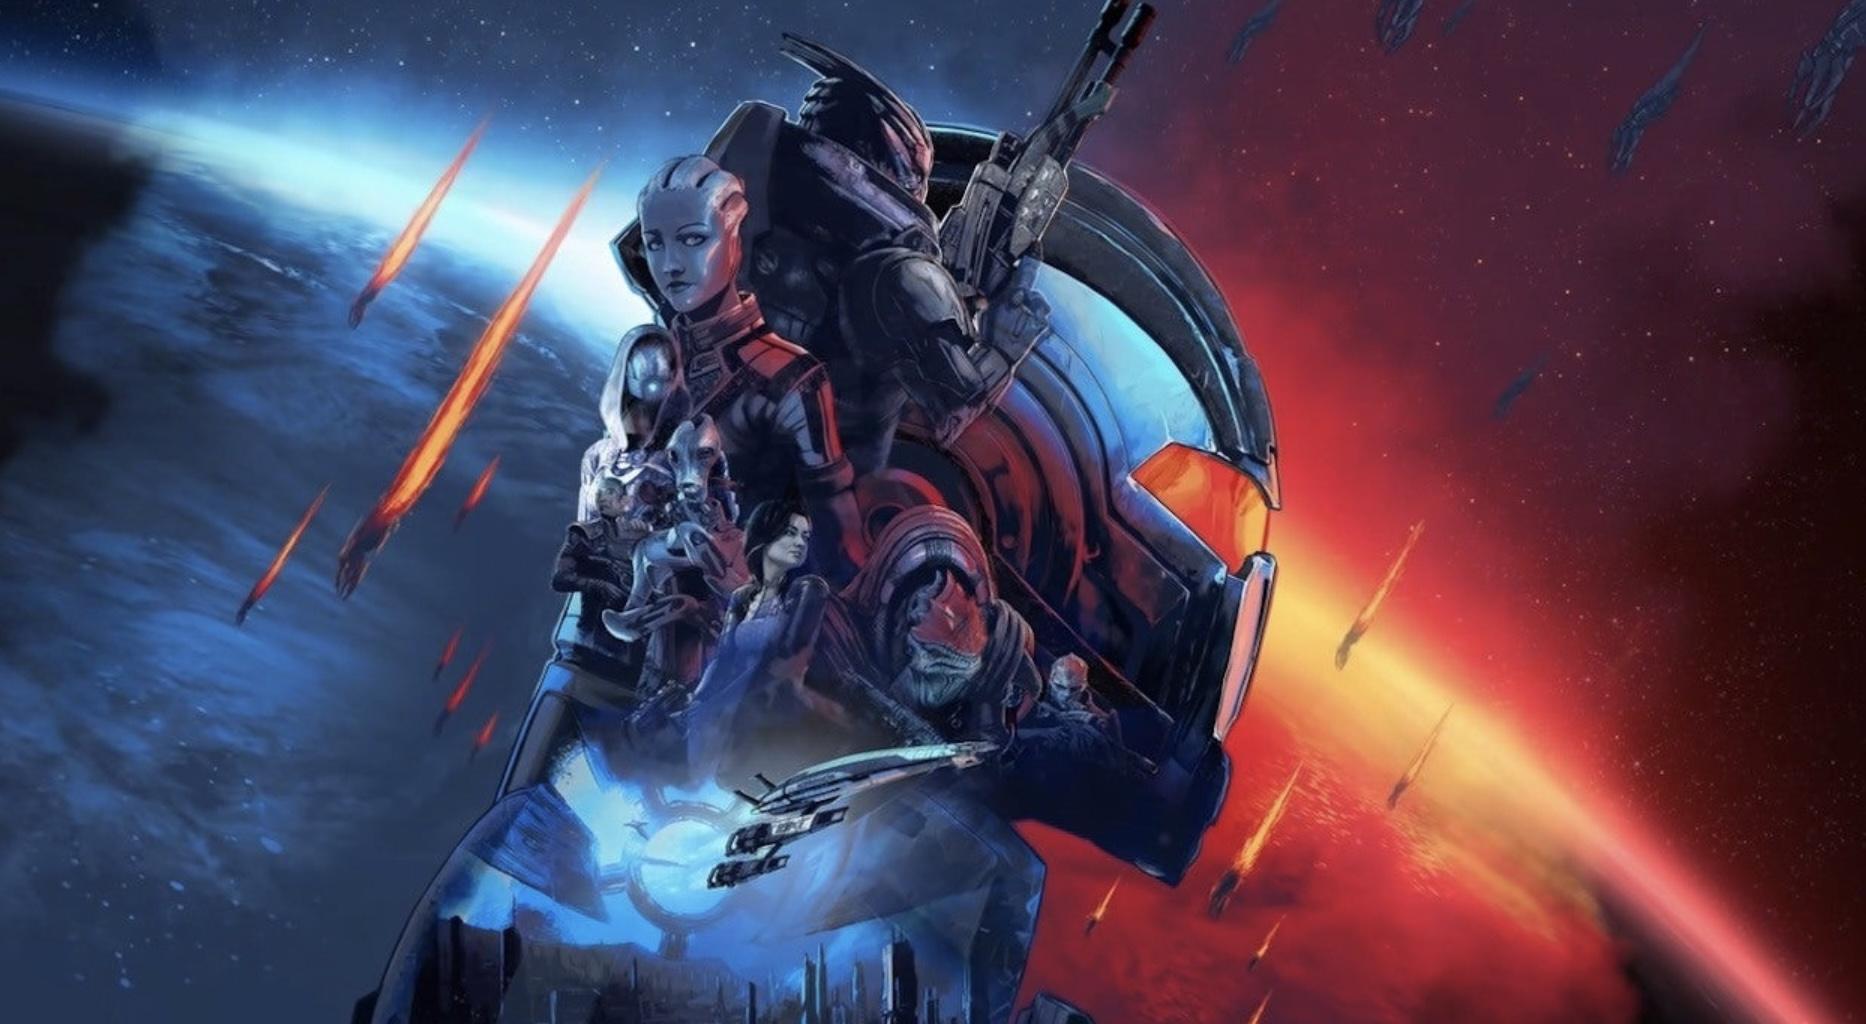 Mass Effect Legendary Edition Update